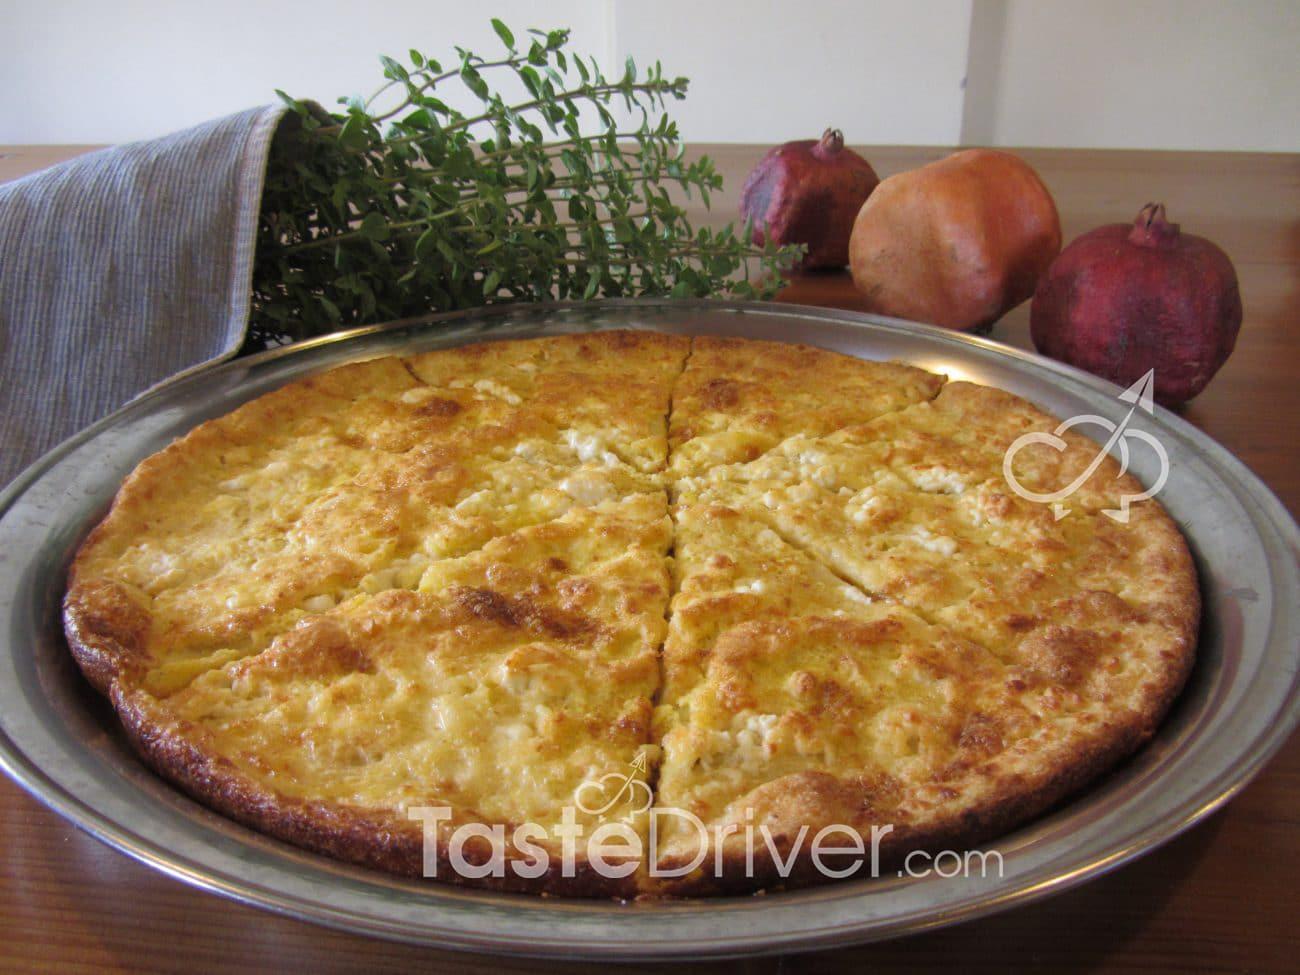 Η αυθεντική συνταγή της Πίτας Ζαγορίου